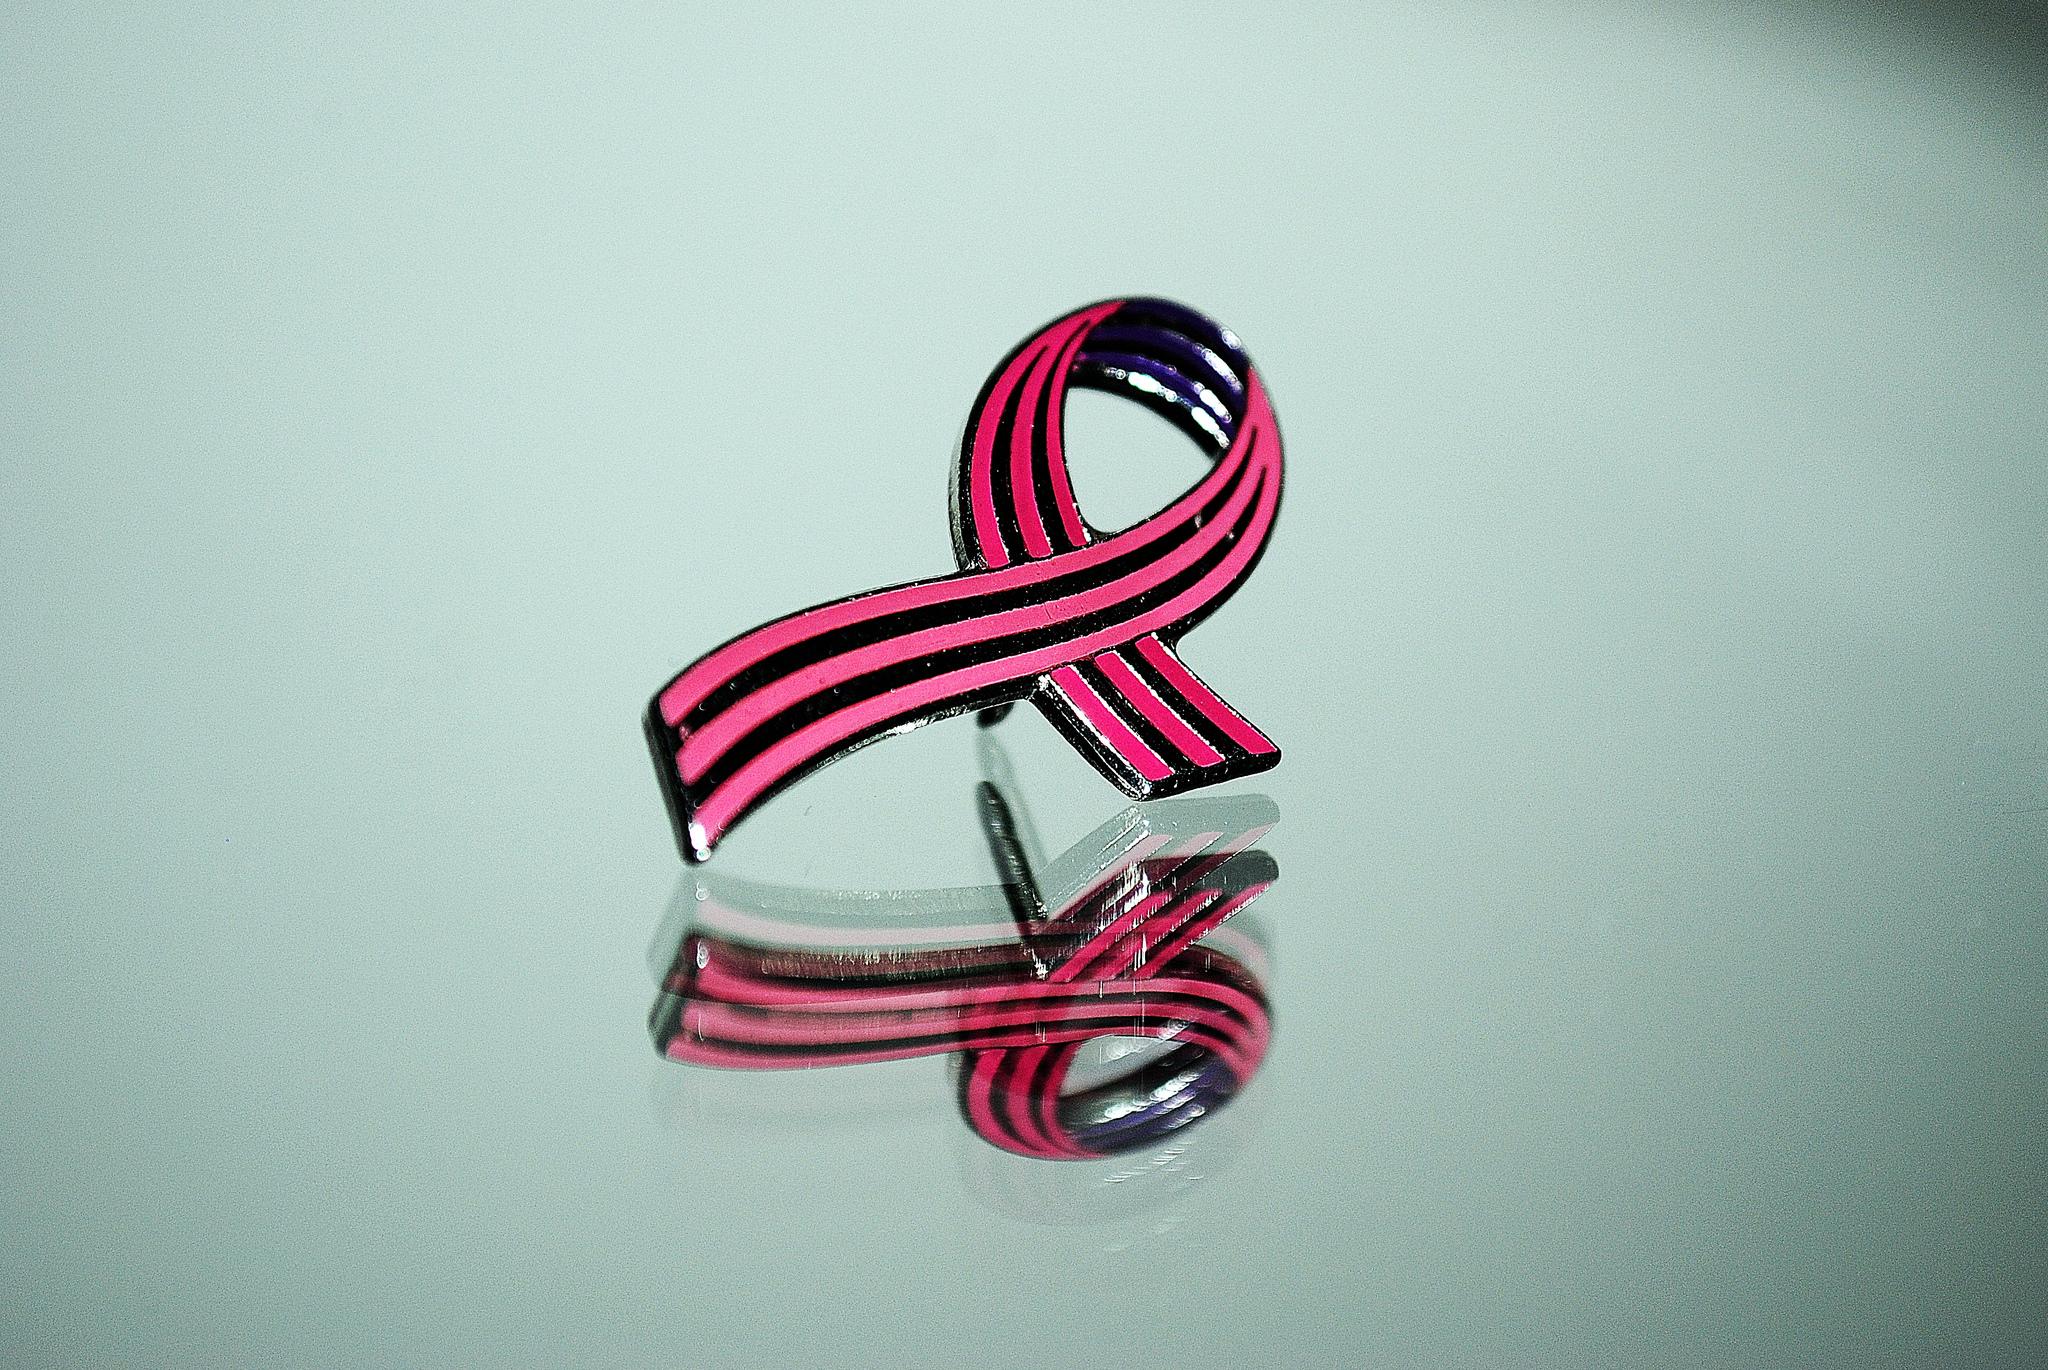 乳がん(手術、薬物療法、放射線、ラジオ波)ー知っておくべき治療法③